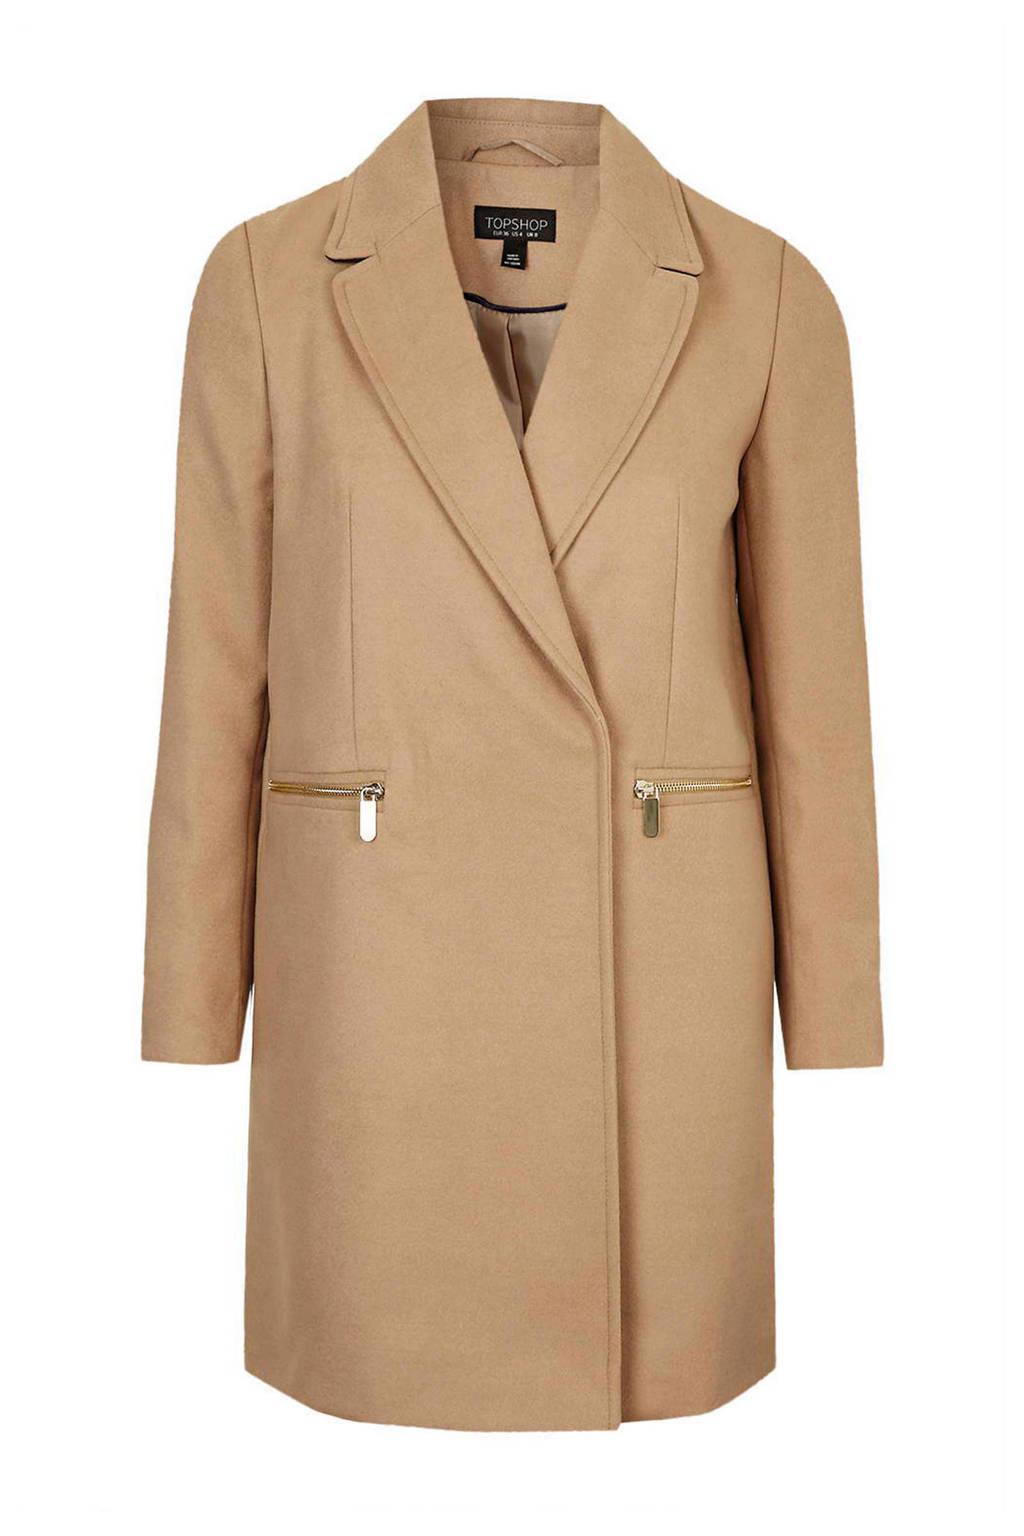 Topshop coat, Camel